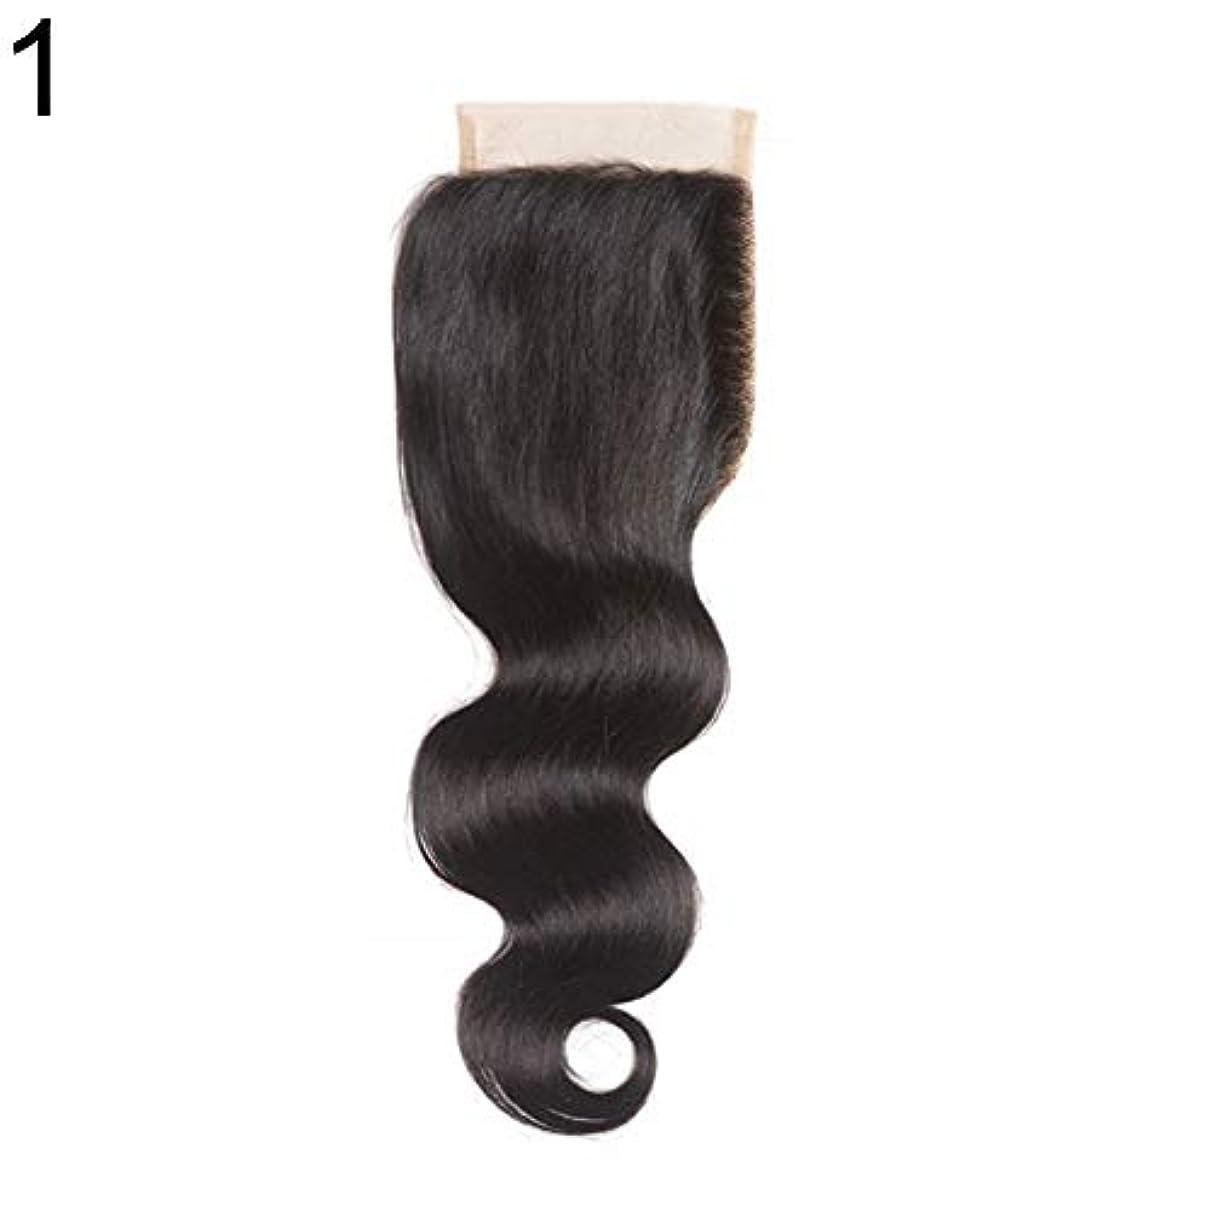 とティーム無限序文slQinjiansav女性ウィッグ修理ツールブラジルのミドル/フリー/3部人間の髪のレース閉鎖ウィッグ黒ヘアピース